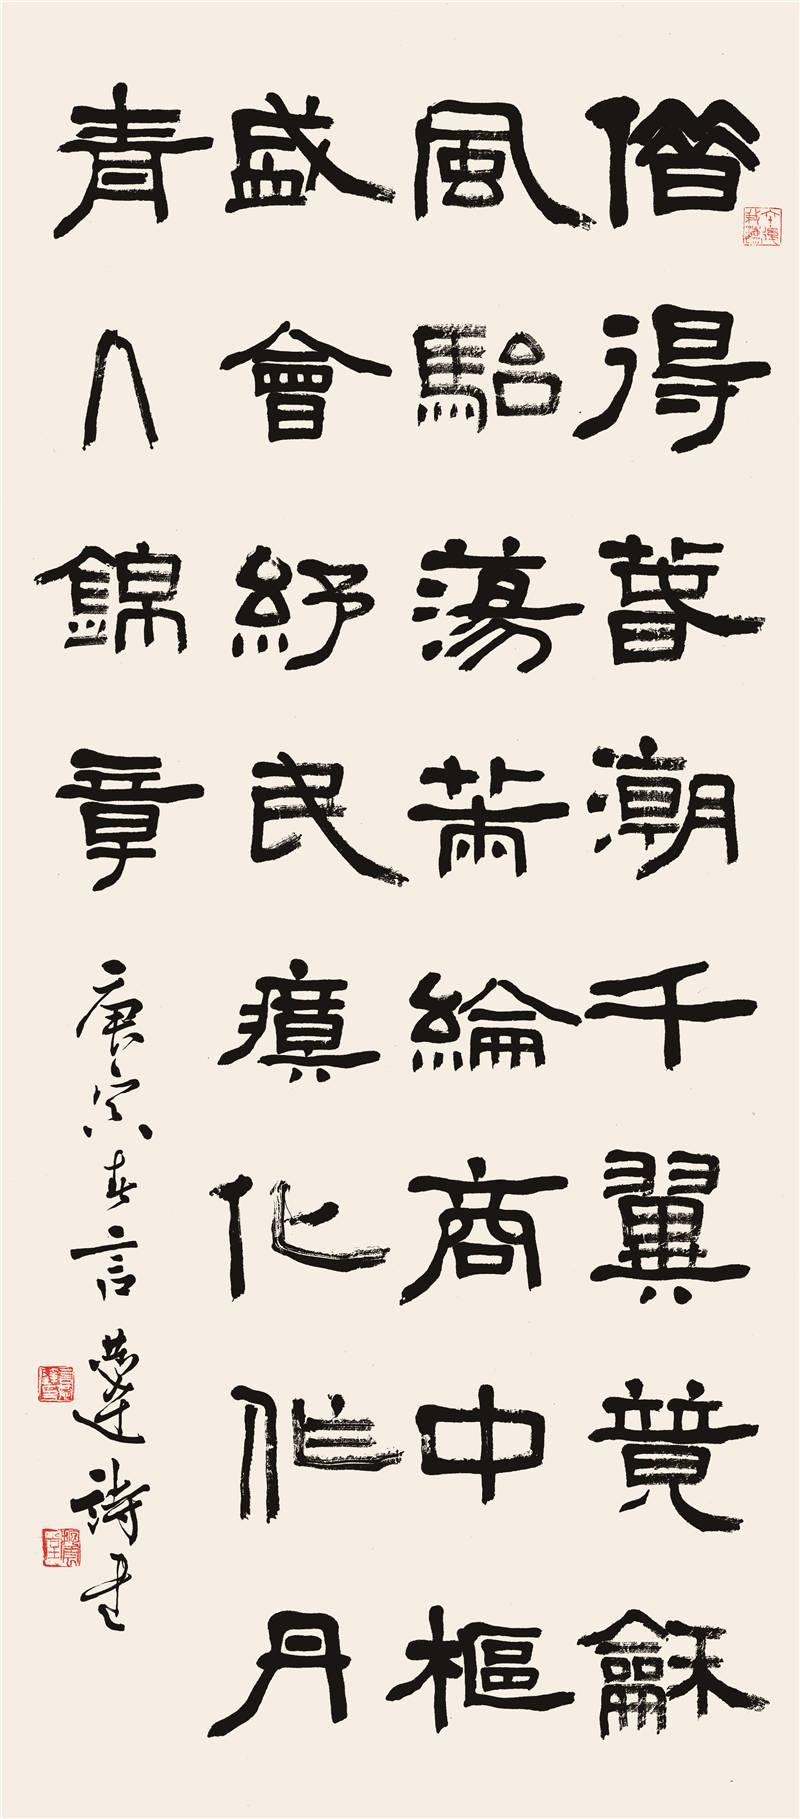 自作诗《贺新春》